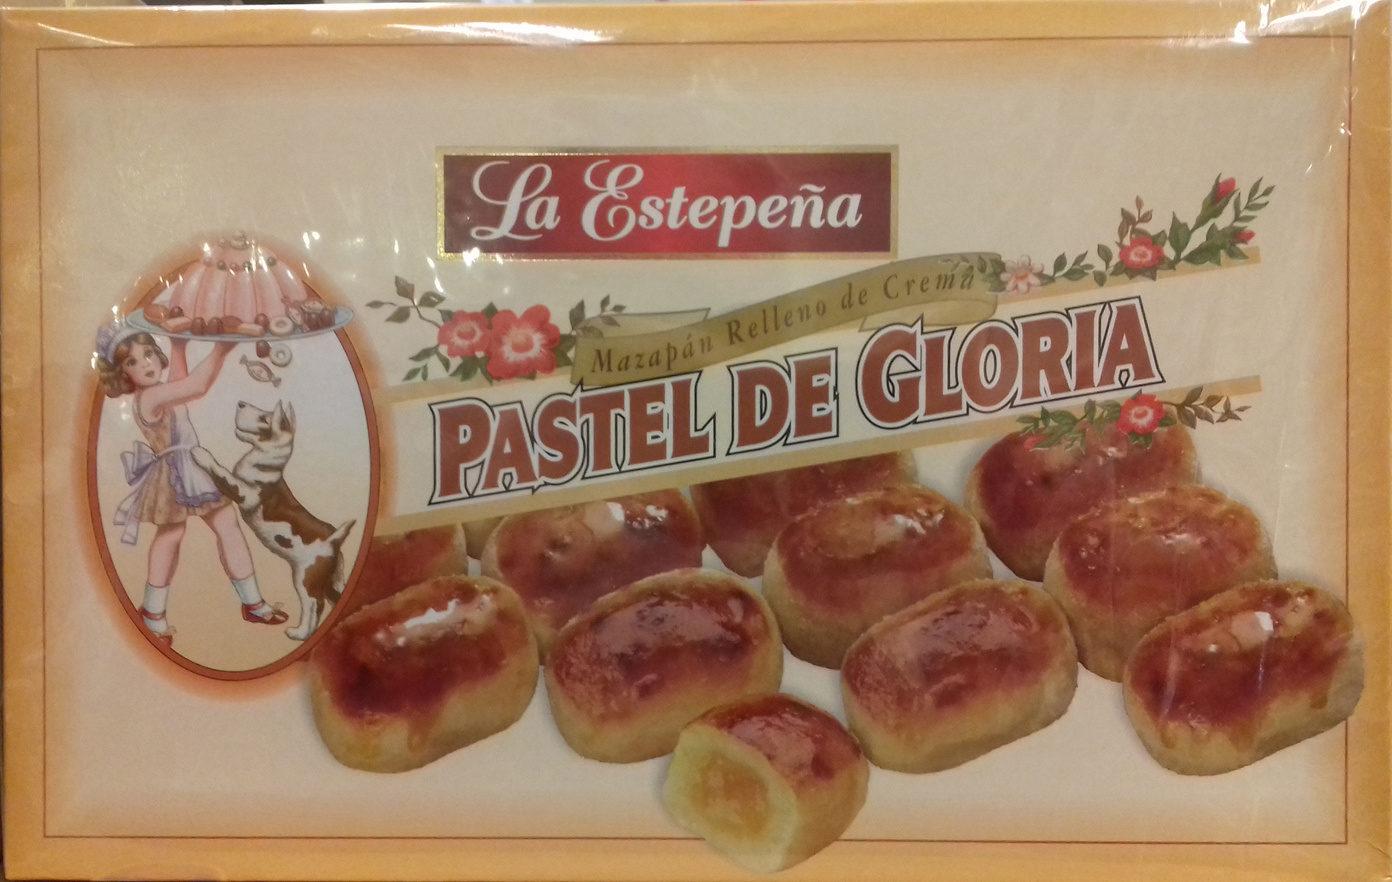 Pastel de gloria - Producto - es